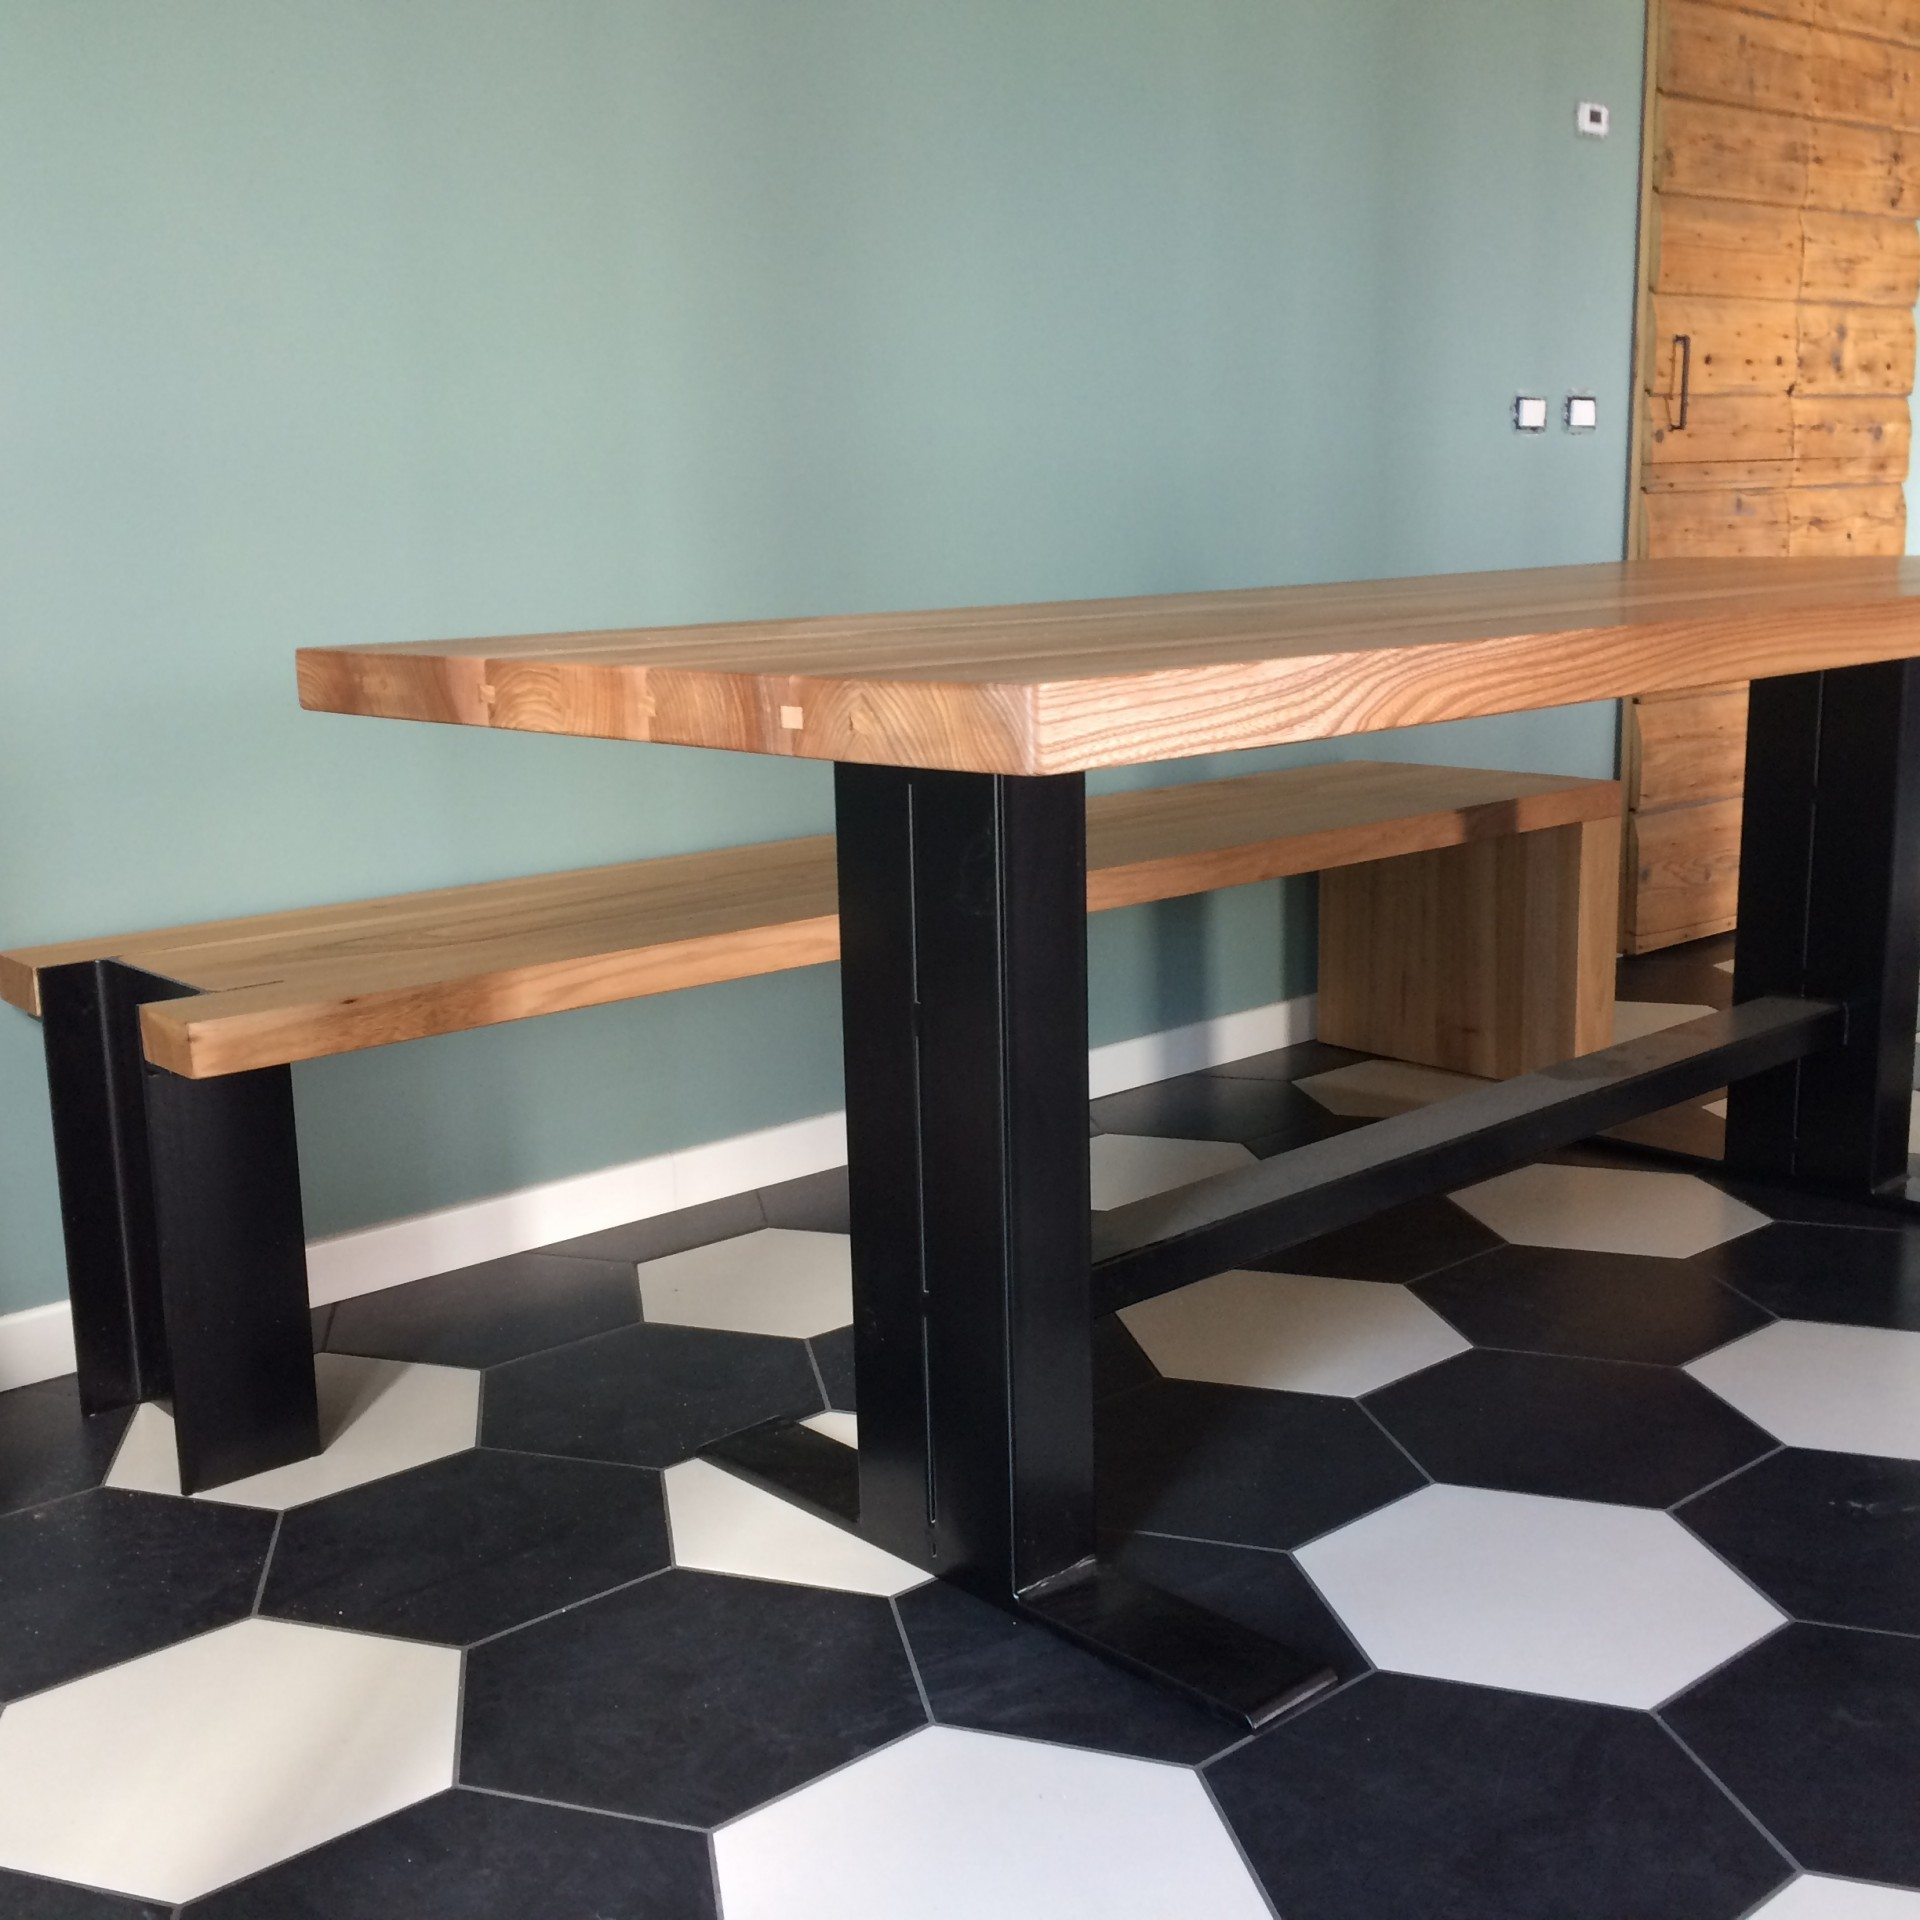 Tavolo in legno di olmo a Verona